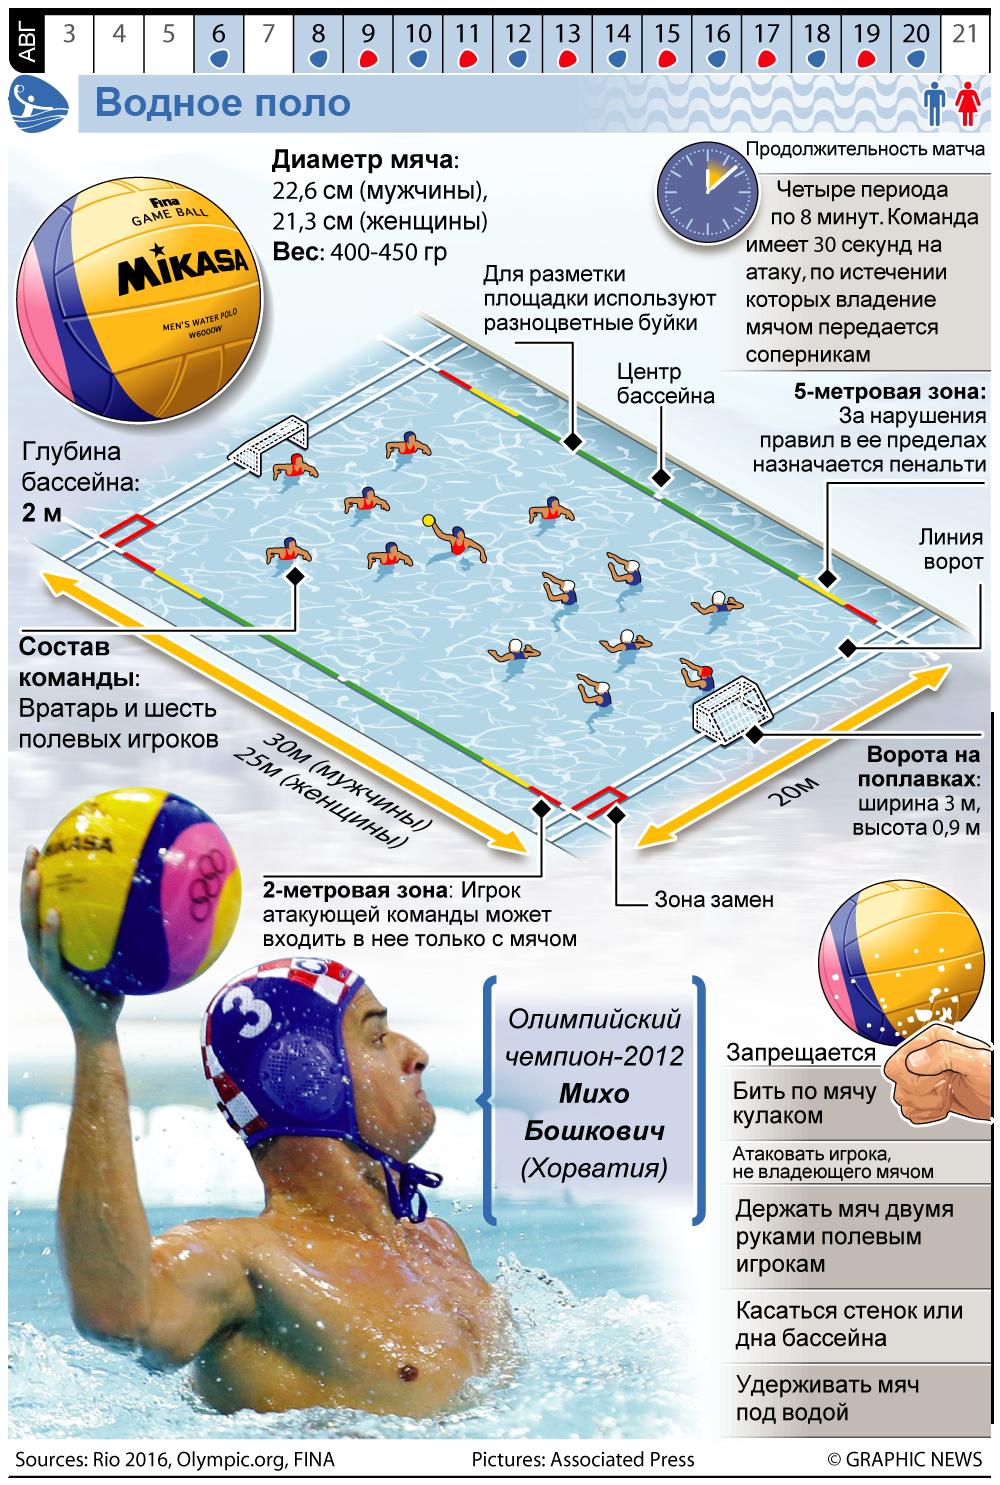 Основные принципы и правила игры, экипировка спортсменов